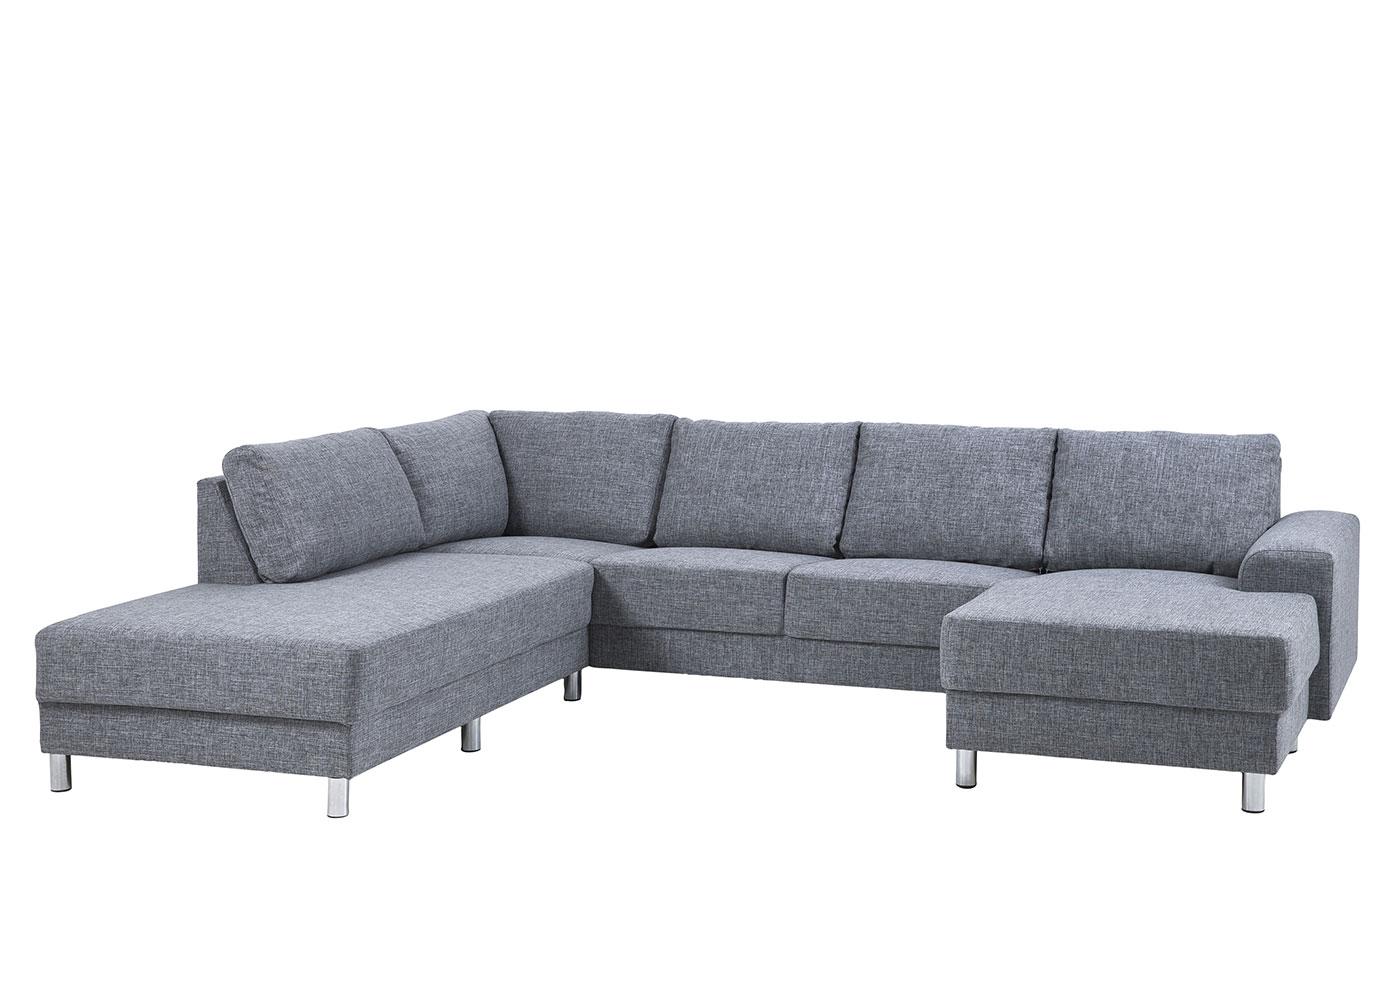 Pohovka rohová levá s lehátkem Carlton, 286 cm, šedá